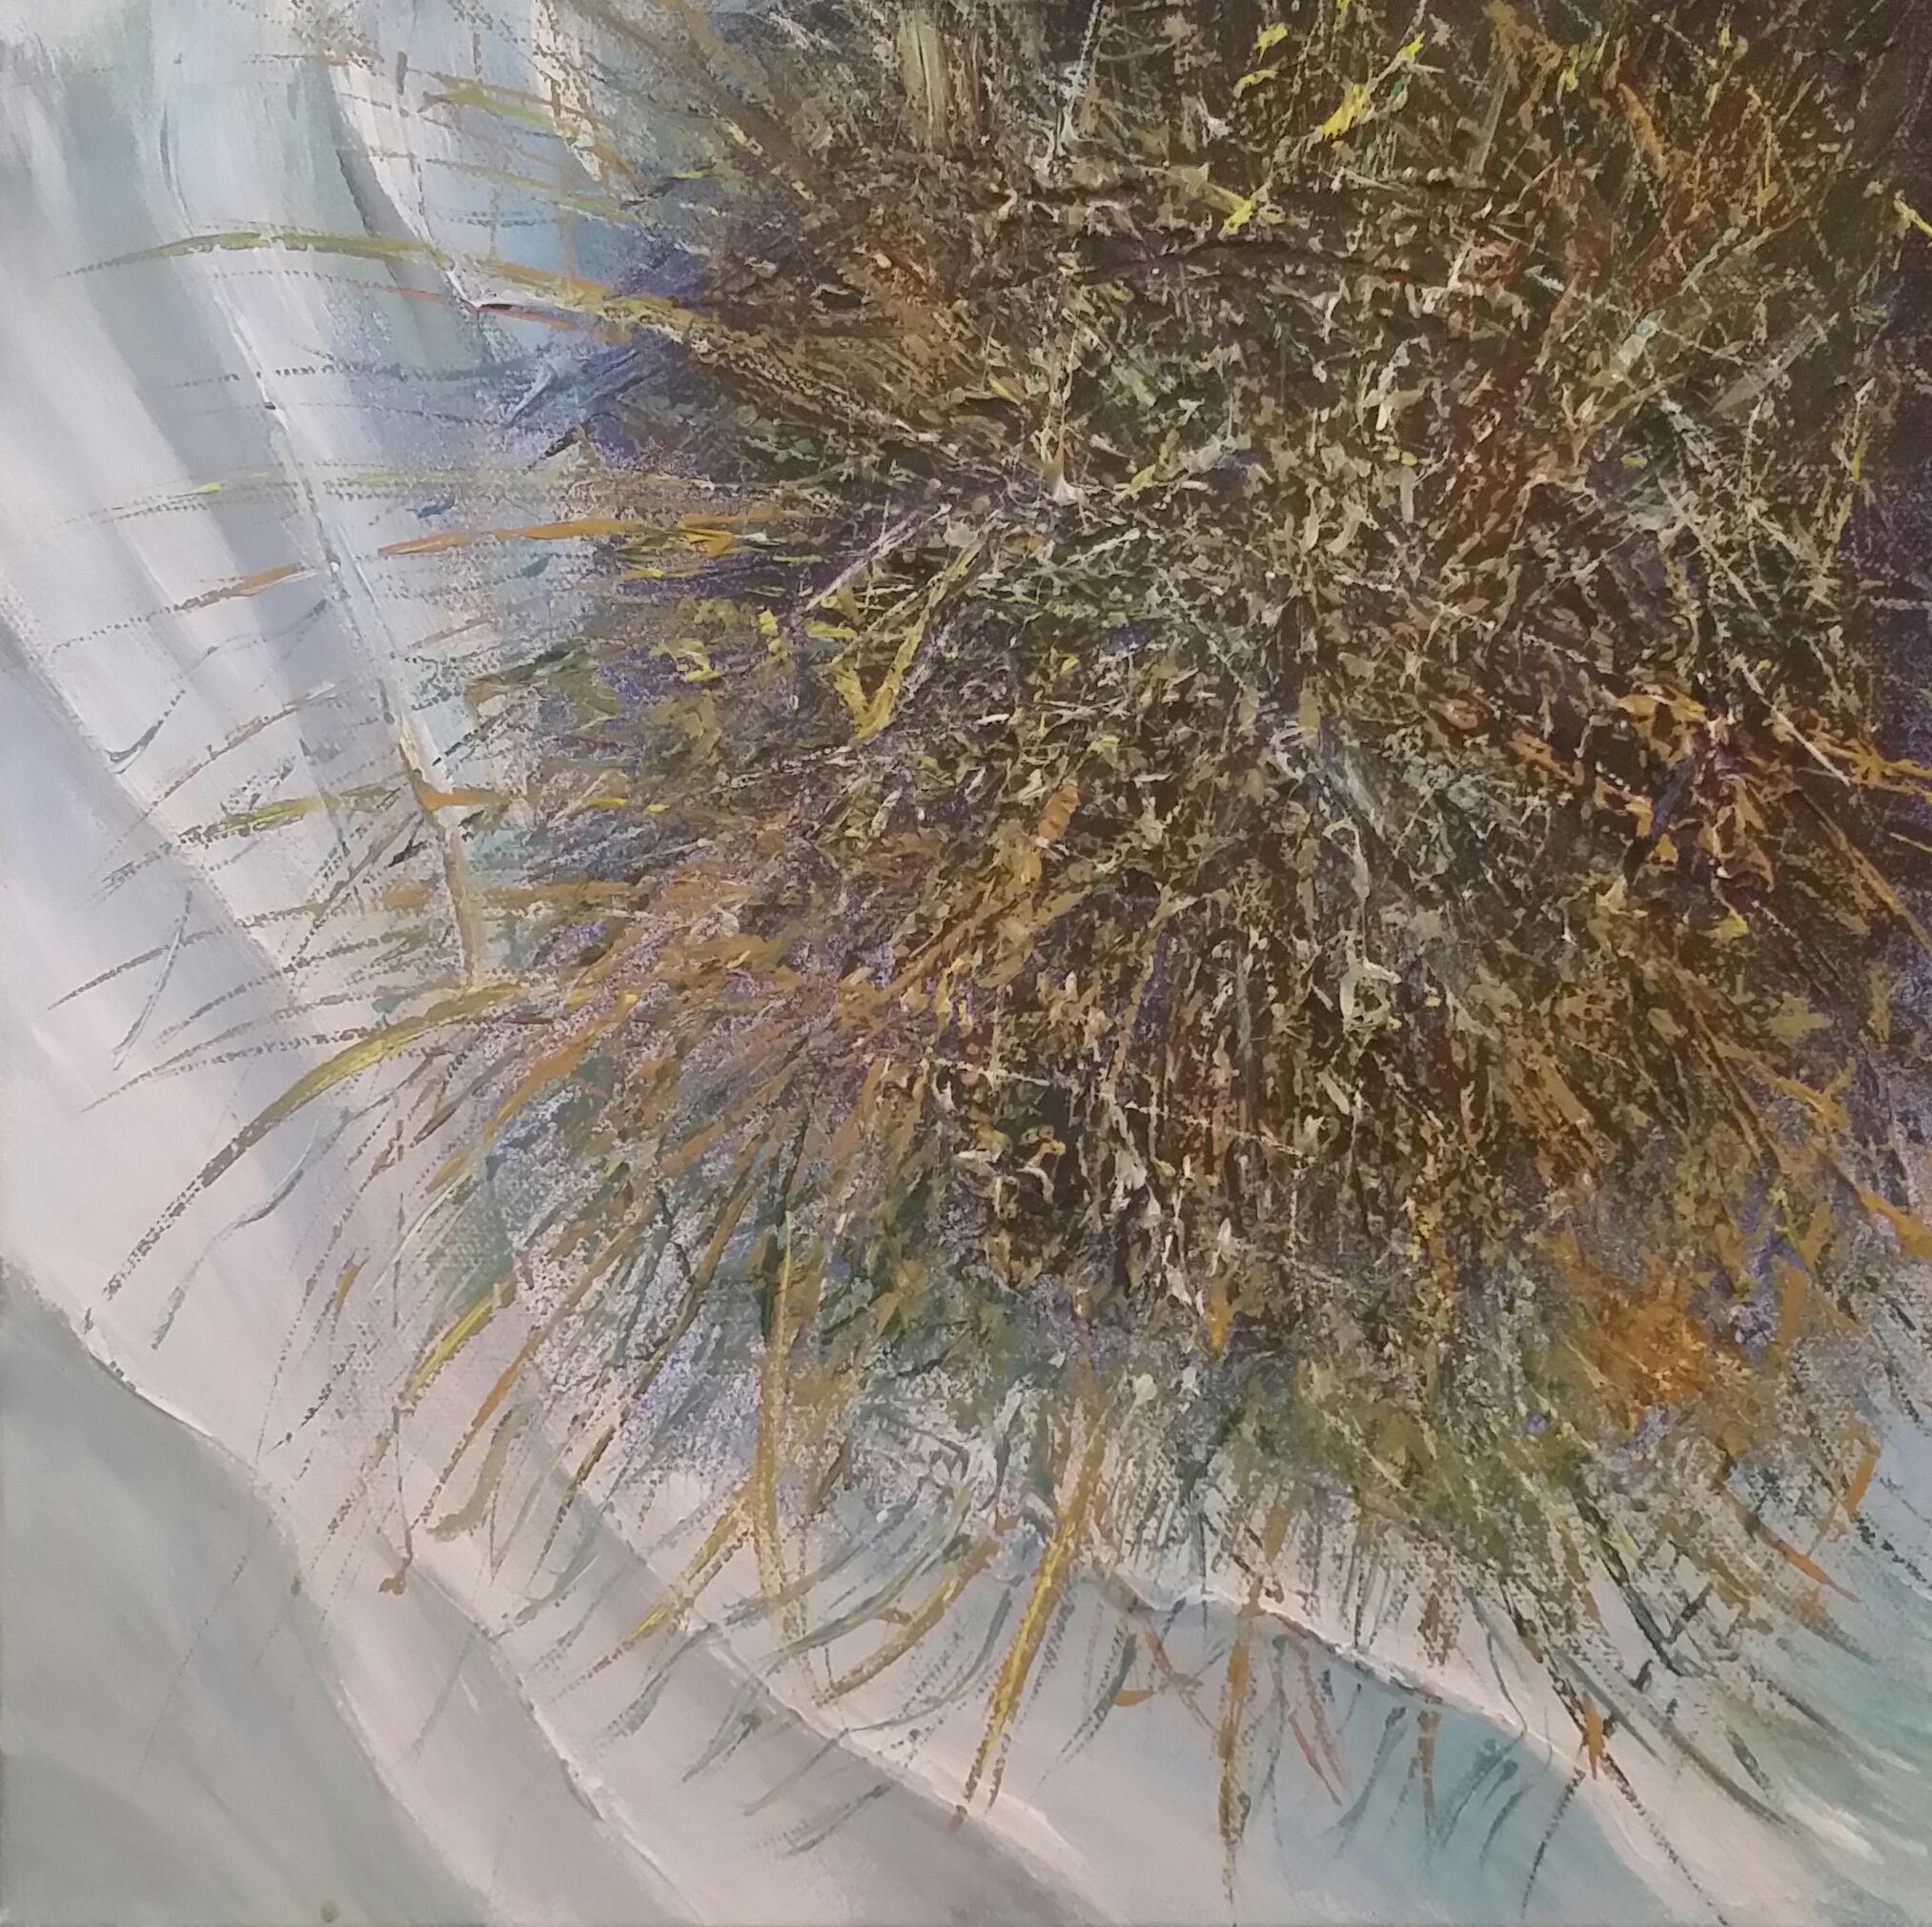 SEA GRASS - A BAD HAIR DAY